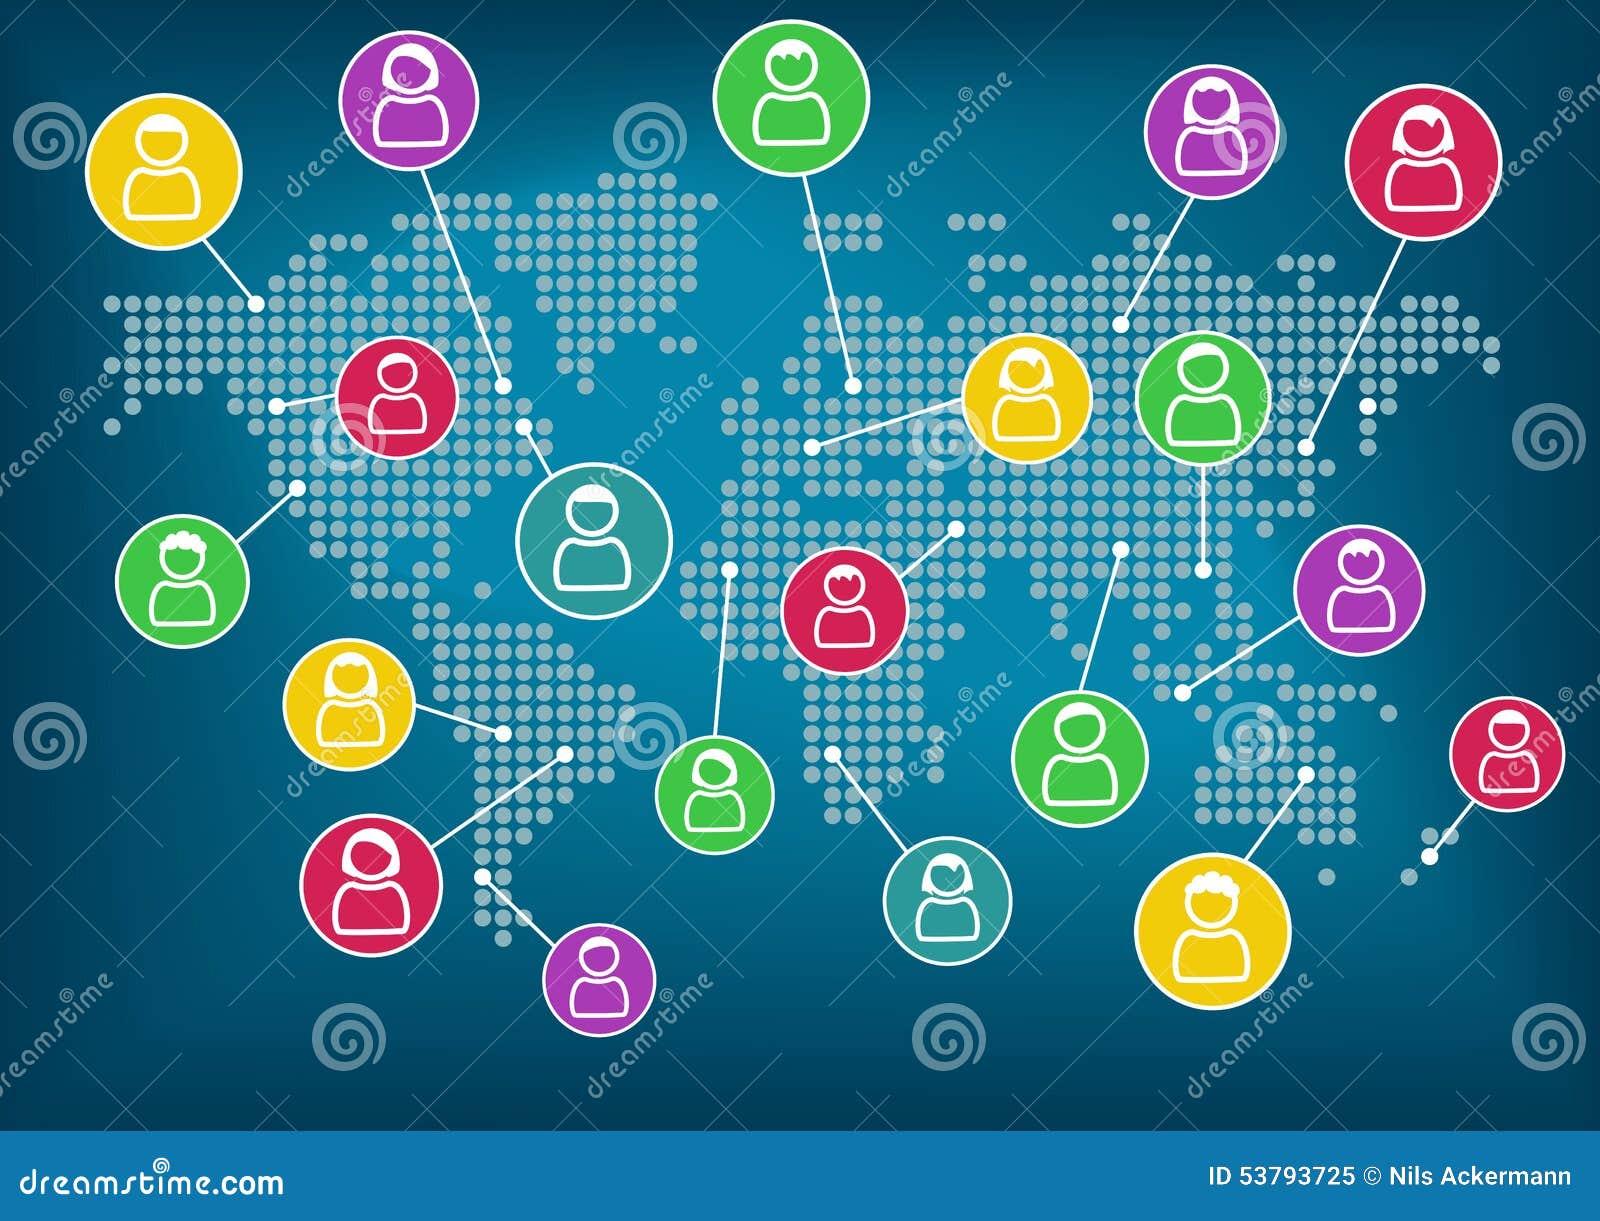 Tła binarnego kodu pojęcia grupy sieci ludzie ogólnospołeczni Globalna komunikacja i współpraca dookoła świata Wektorowy tło